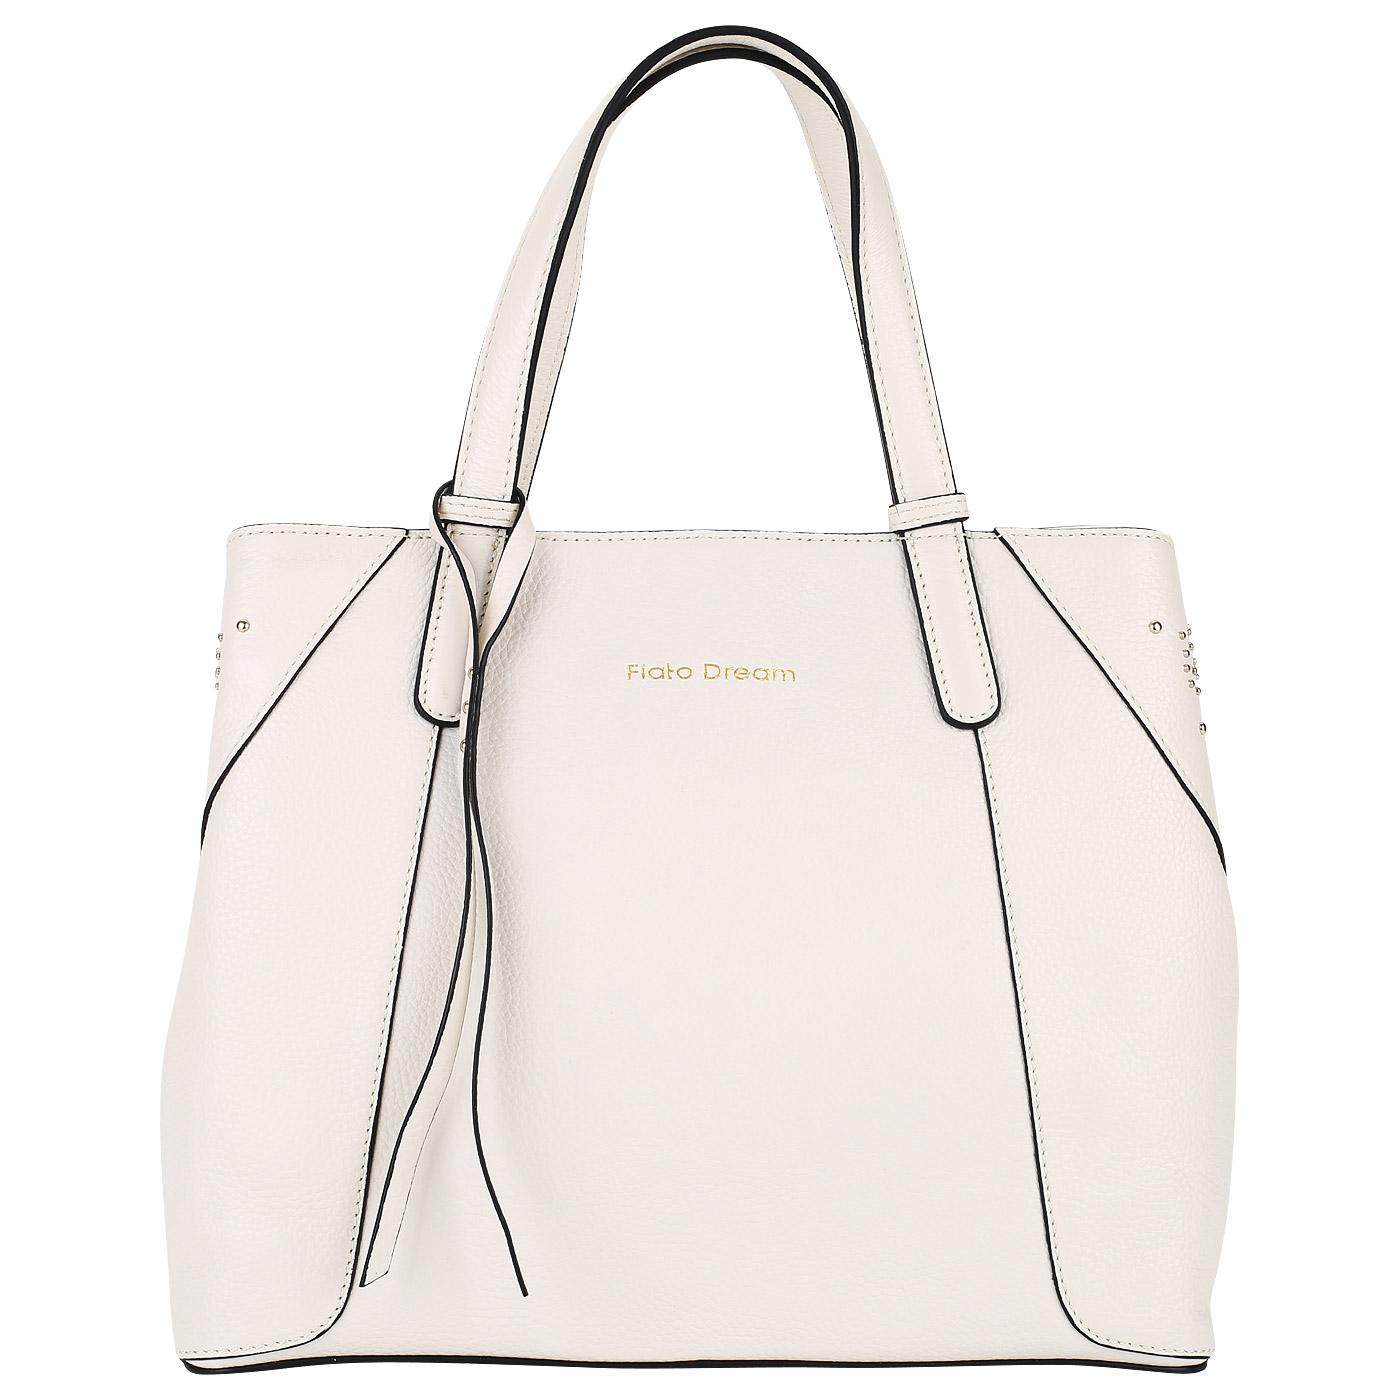 65f38c0fb63b Женская сумка из натуральной кожи Fiato Dream 1138 FD ...